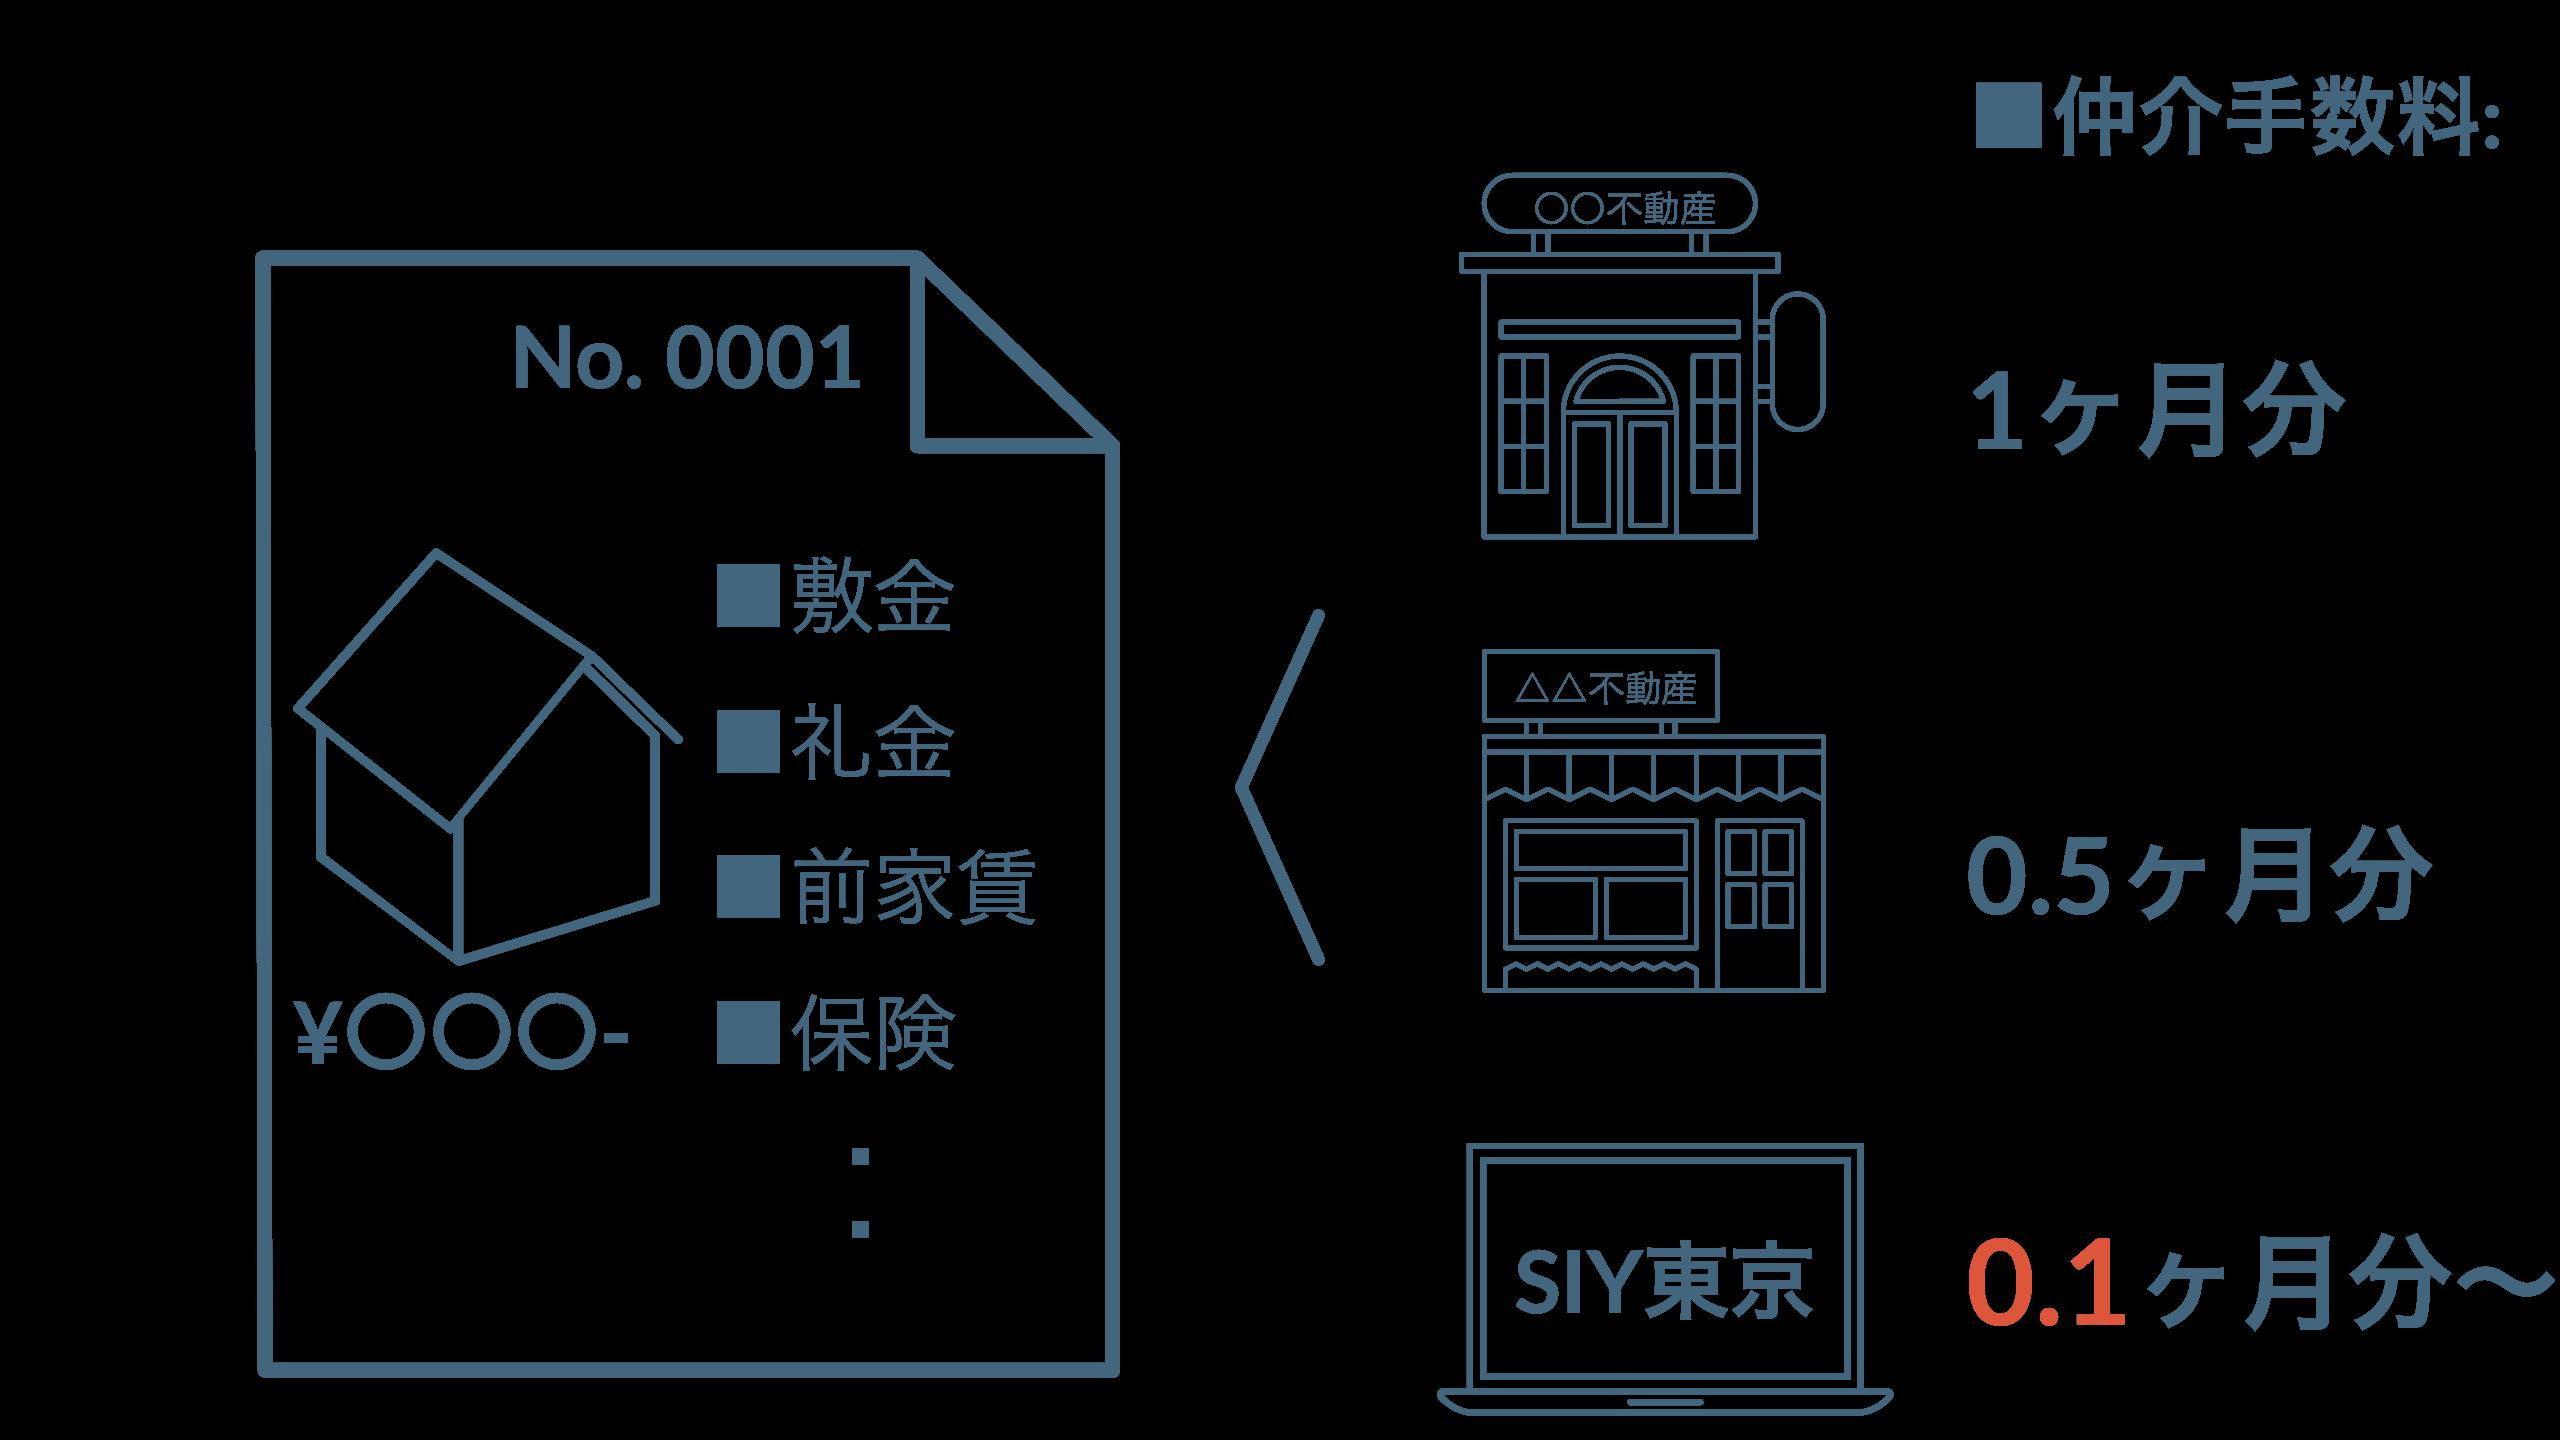 ほぼ全ての物件が業者間データベースに登録されており、様々な不動産屋さんを介して契約できます。